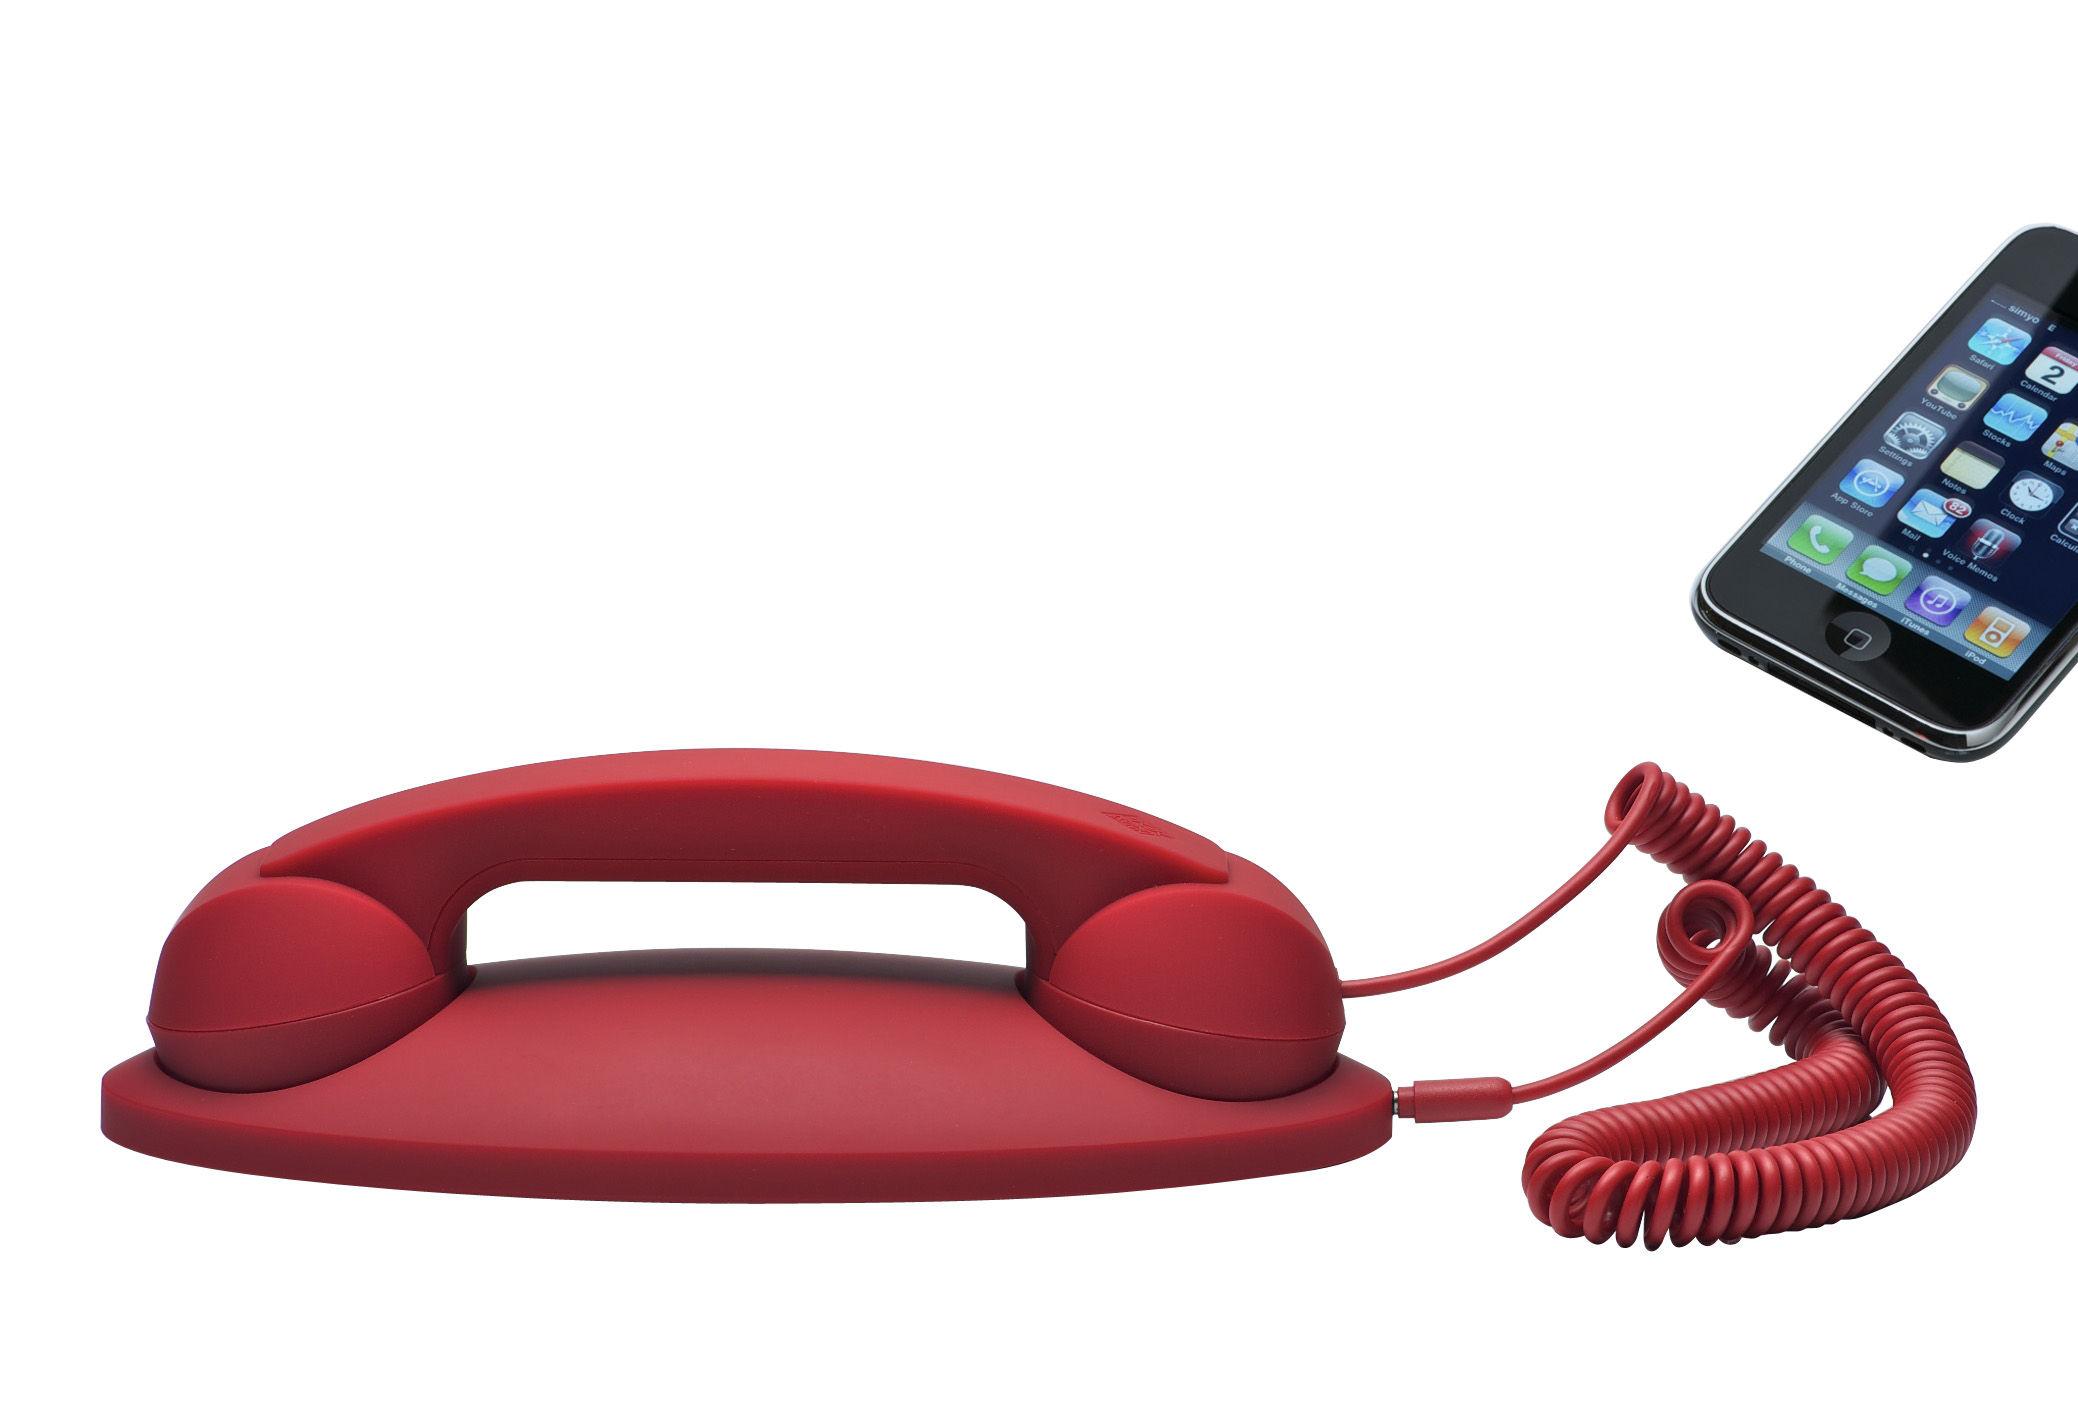 combin t l phonique pop phone avec socle pour iphone ipad smartphone rouge native union. Black Bedroom Furniture Sets. Home Design Ideas